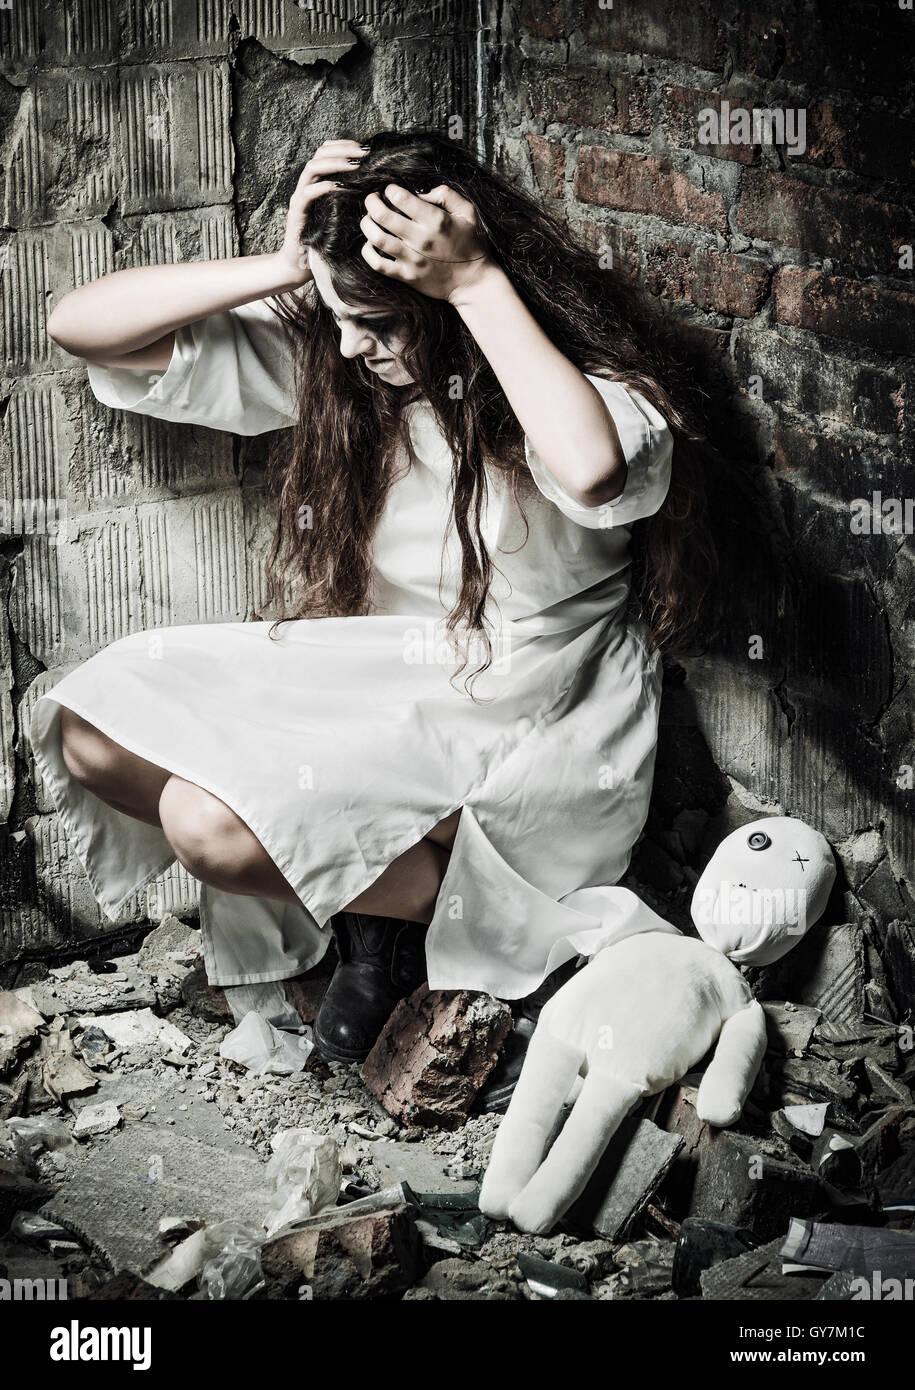 Horror-Stil gedreht: das seltsame verrückte Mädchen und ihre Puppe Mizzi Stockbild